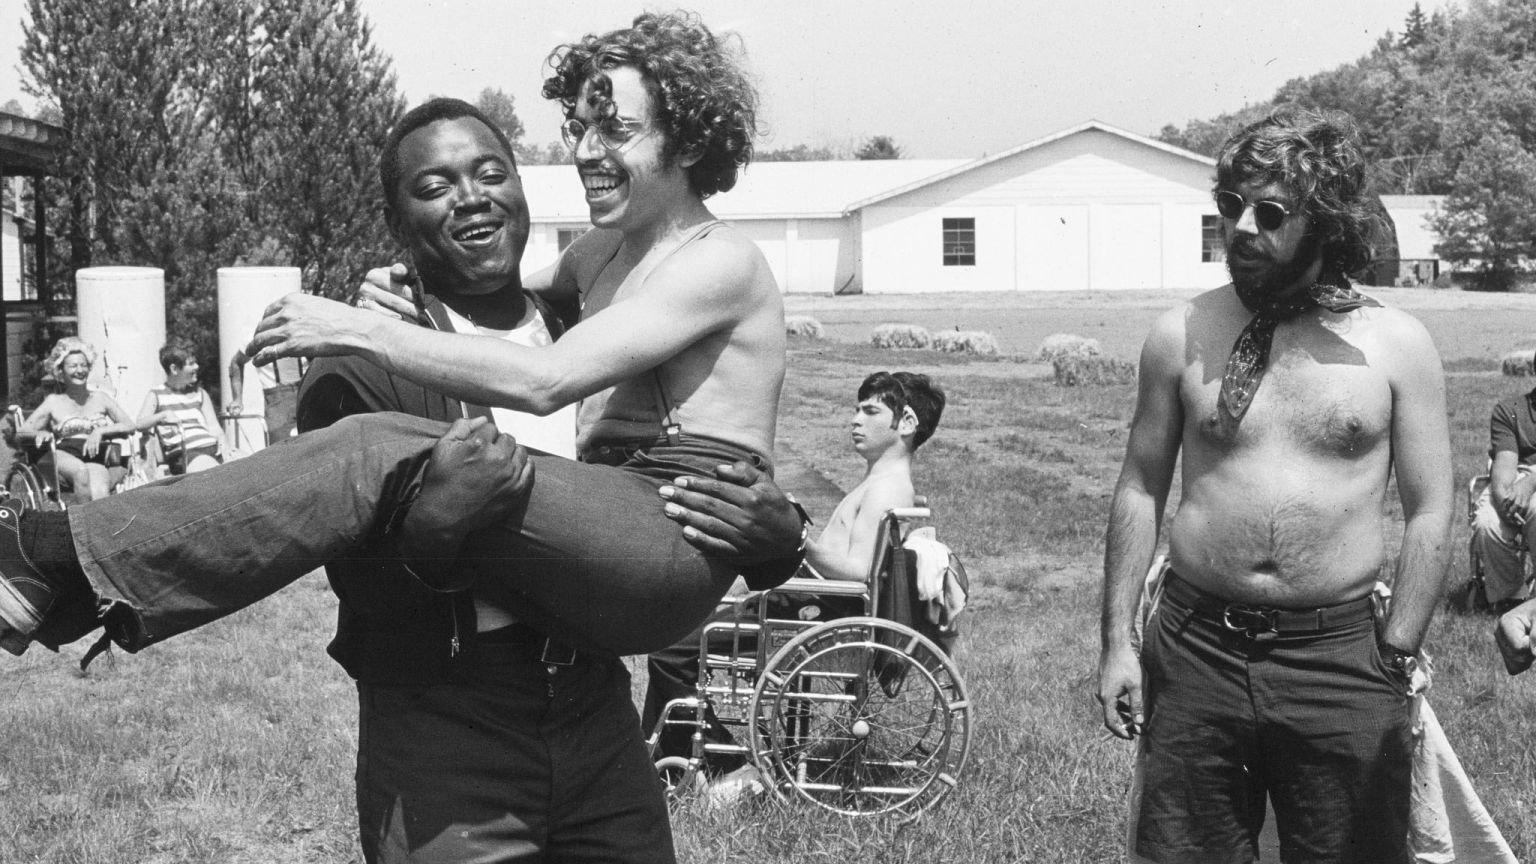 'Crip Camp' wint beste film op de International Documentary Association's Awards